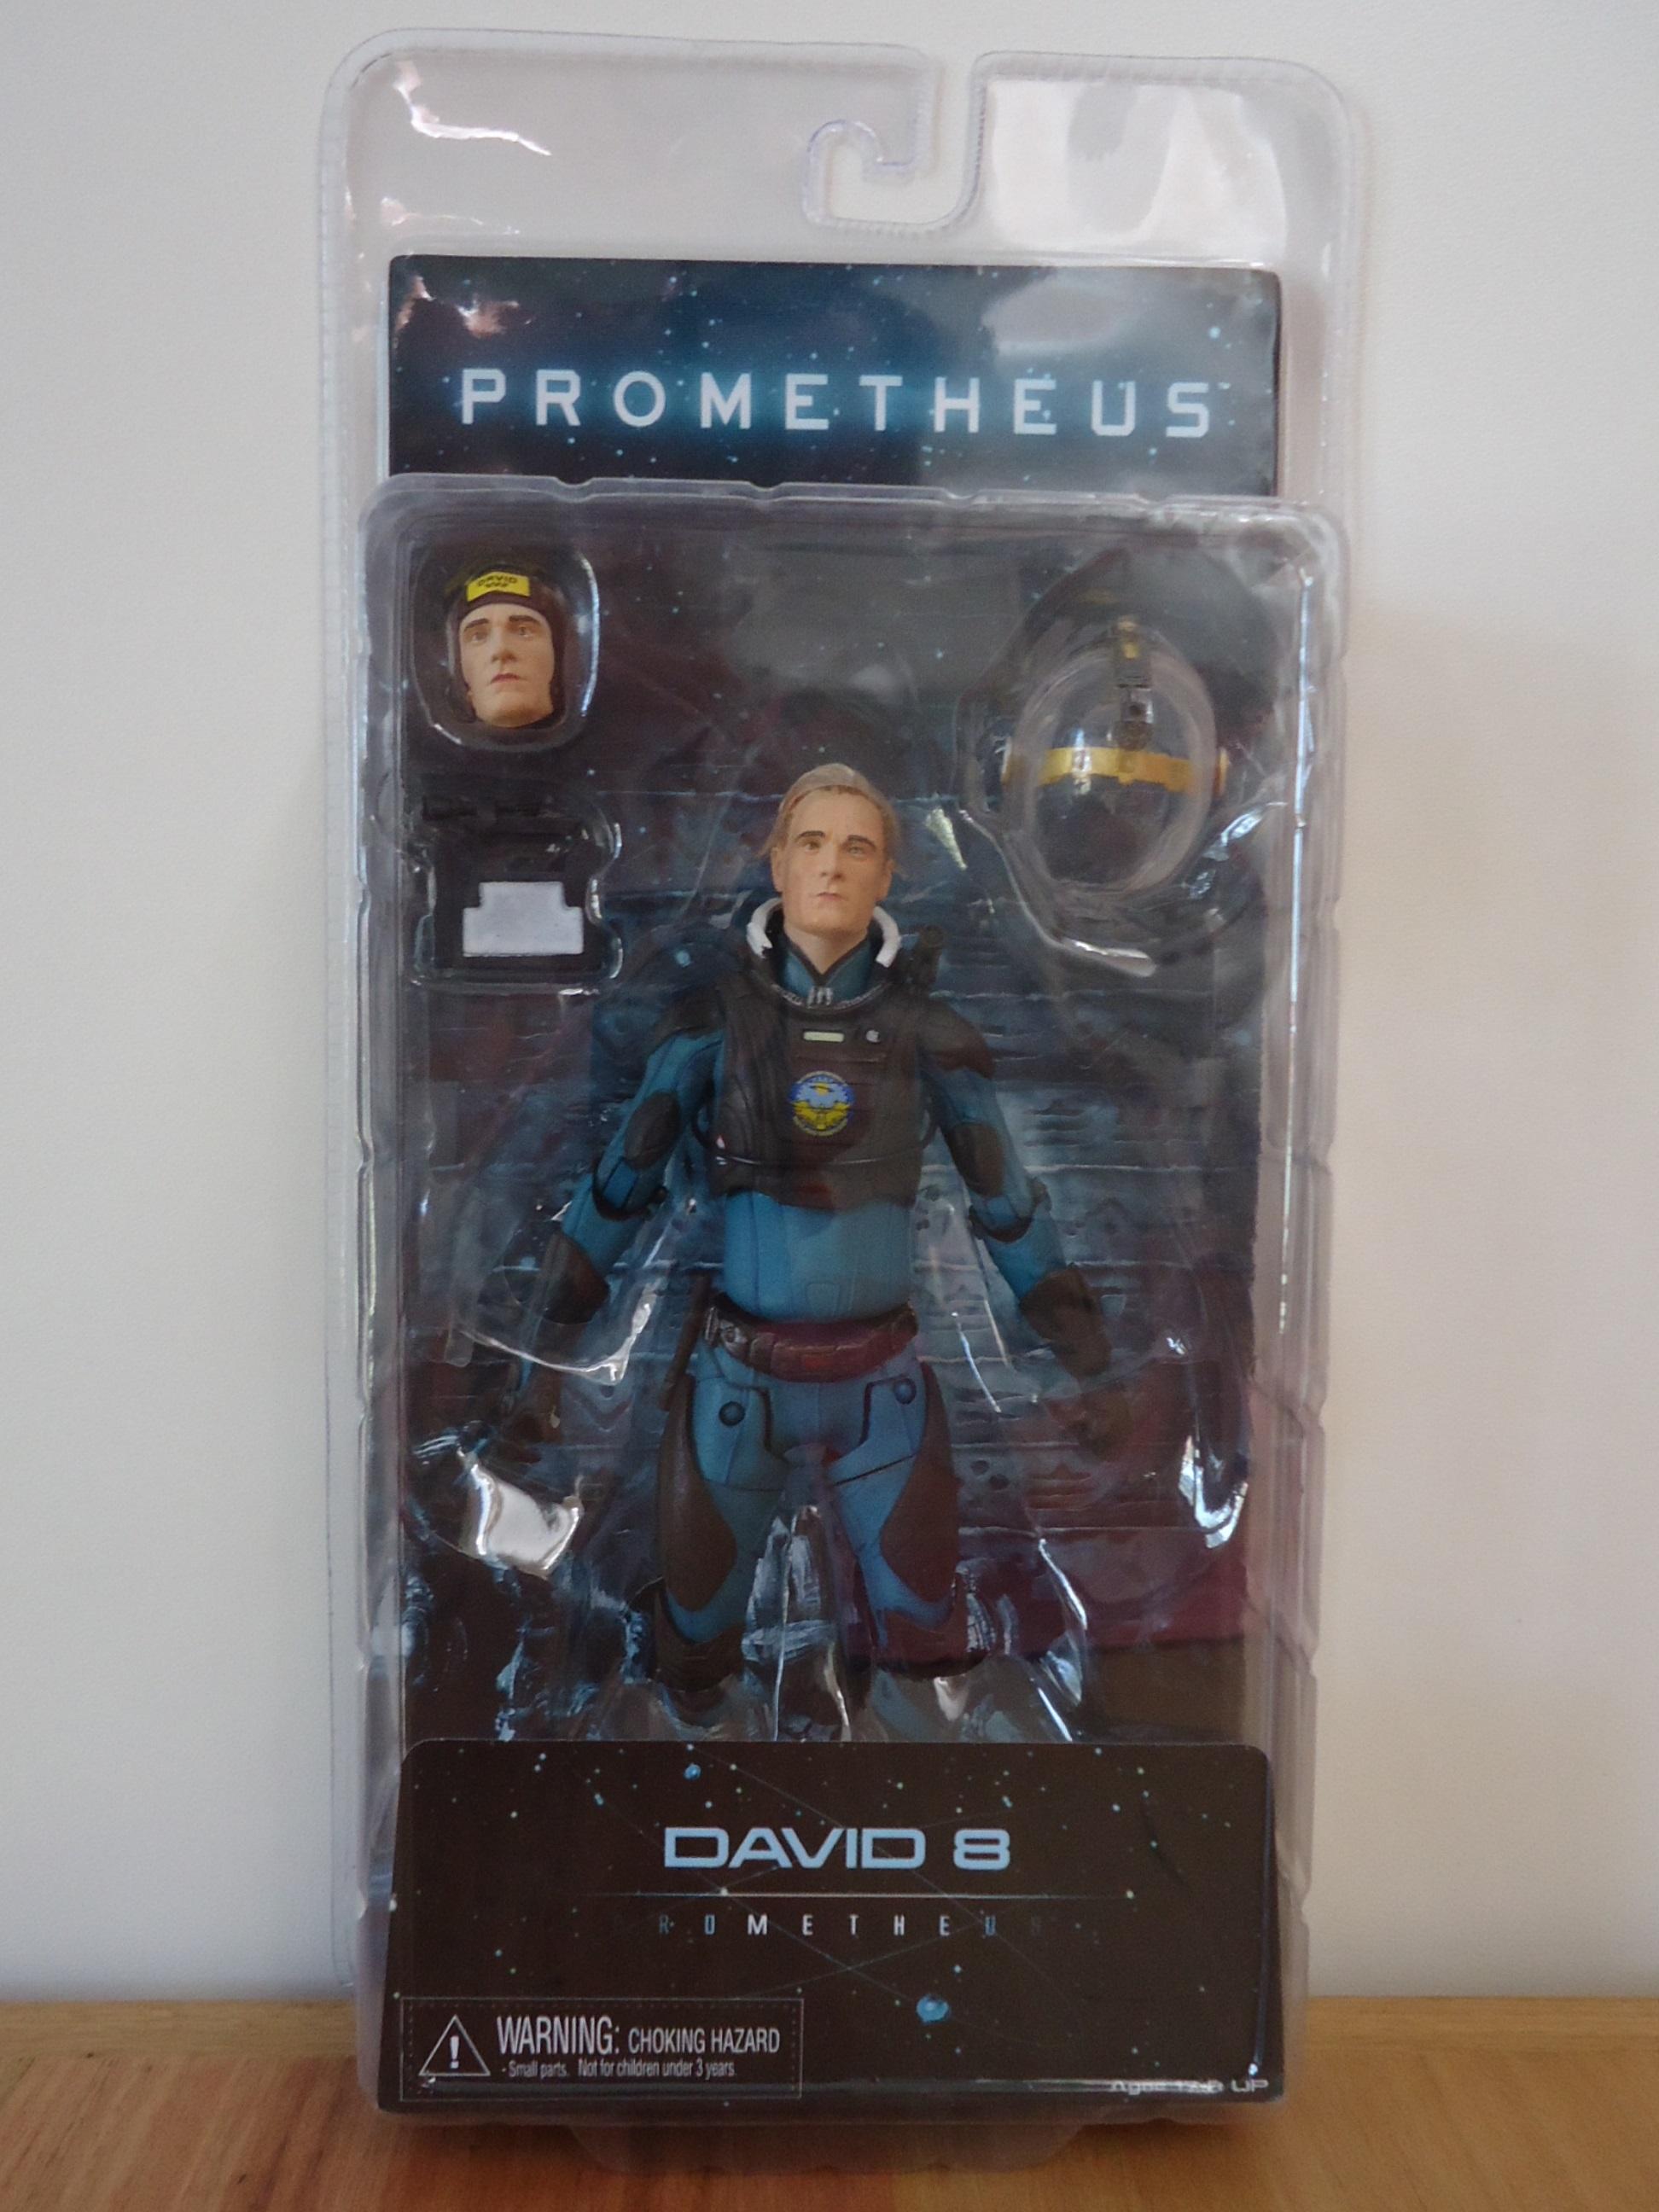 NECA David 8